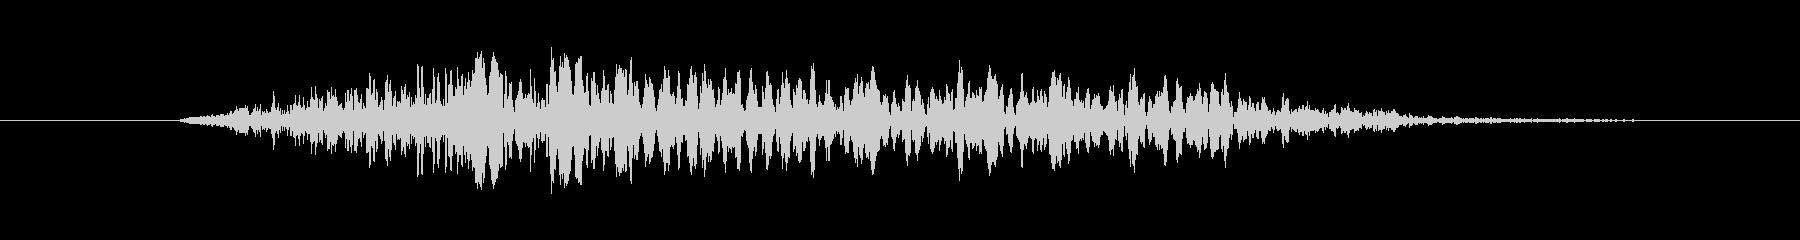 鳴き声 女性のルナティックスクリー...の未再生の波形